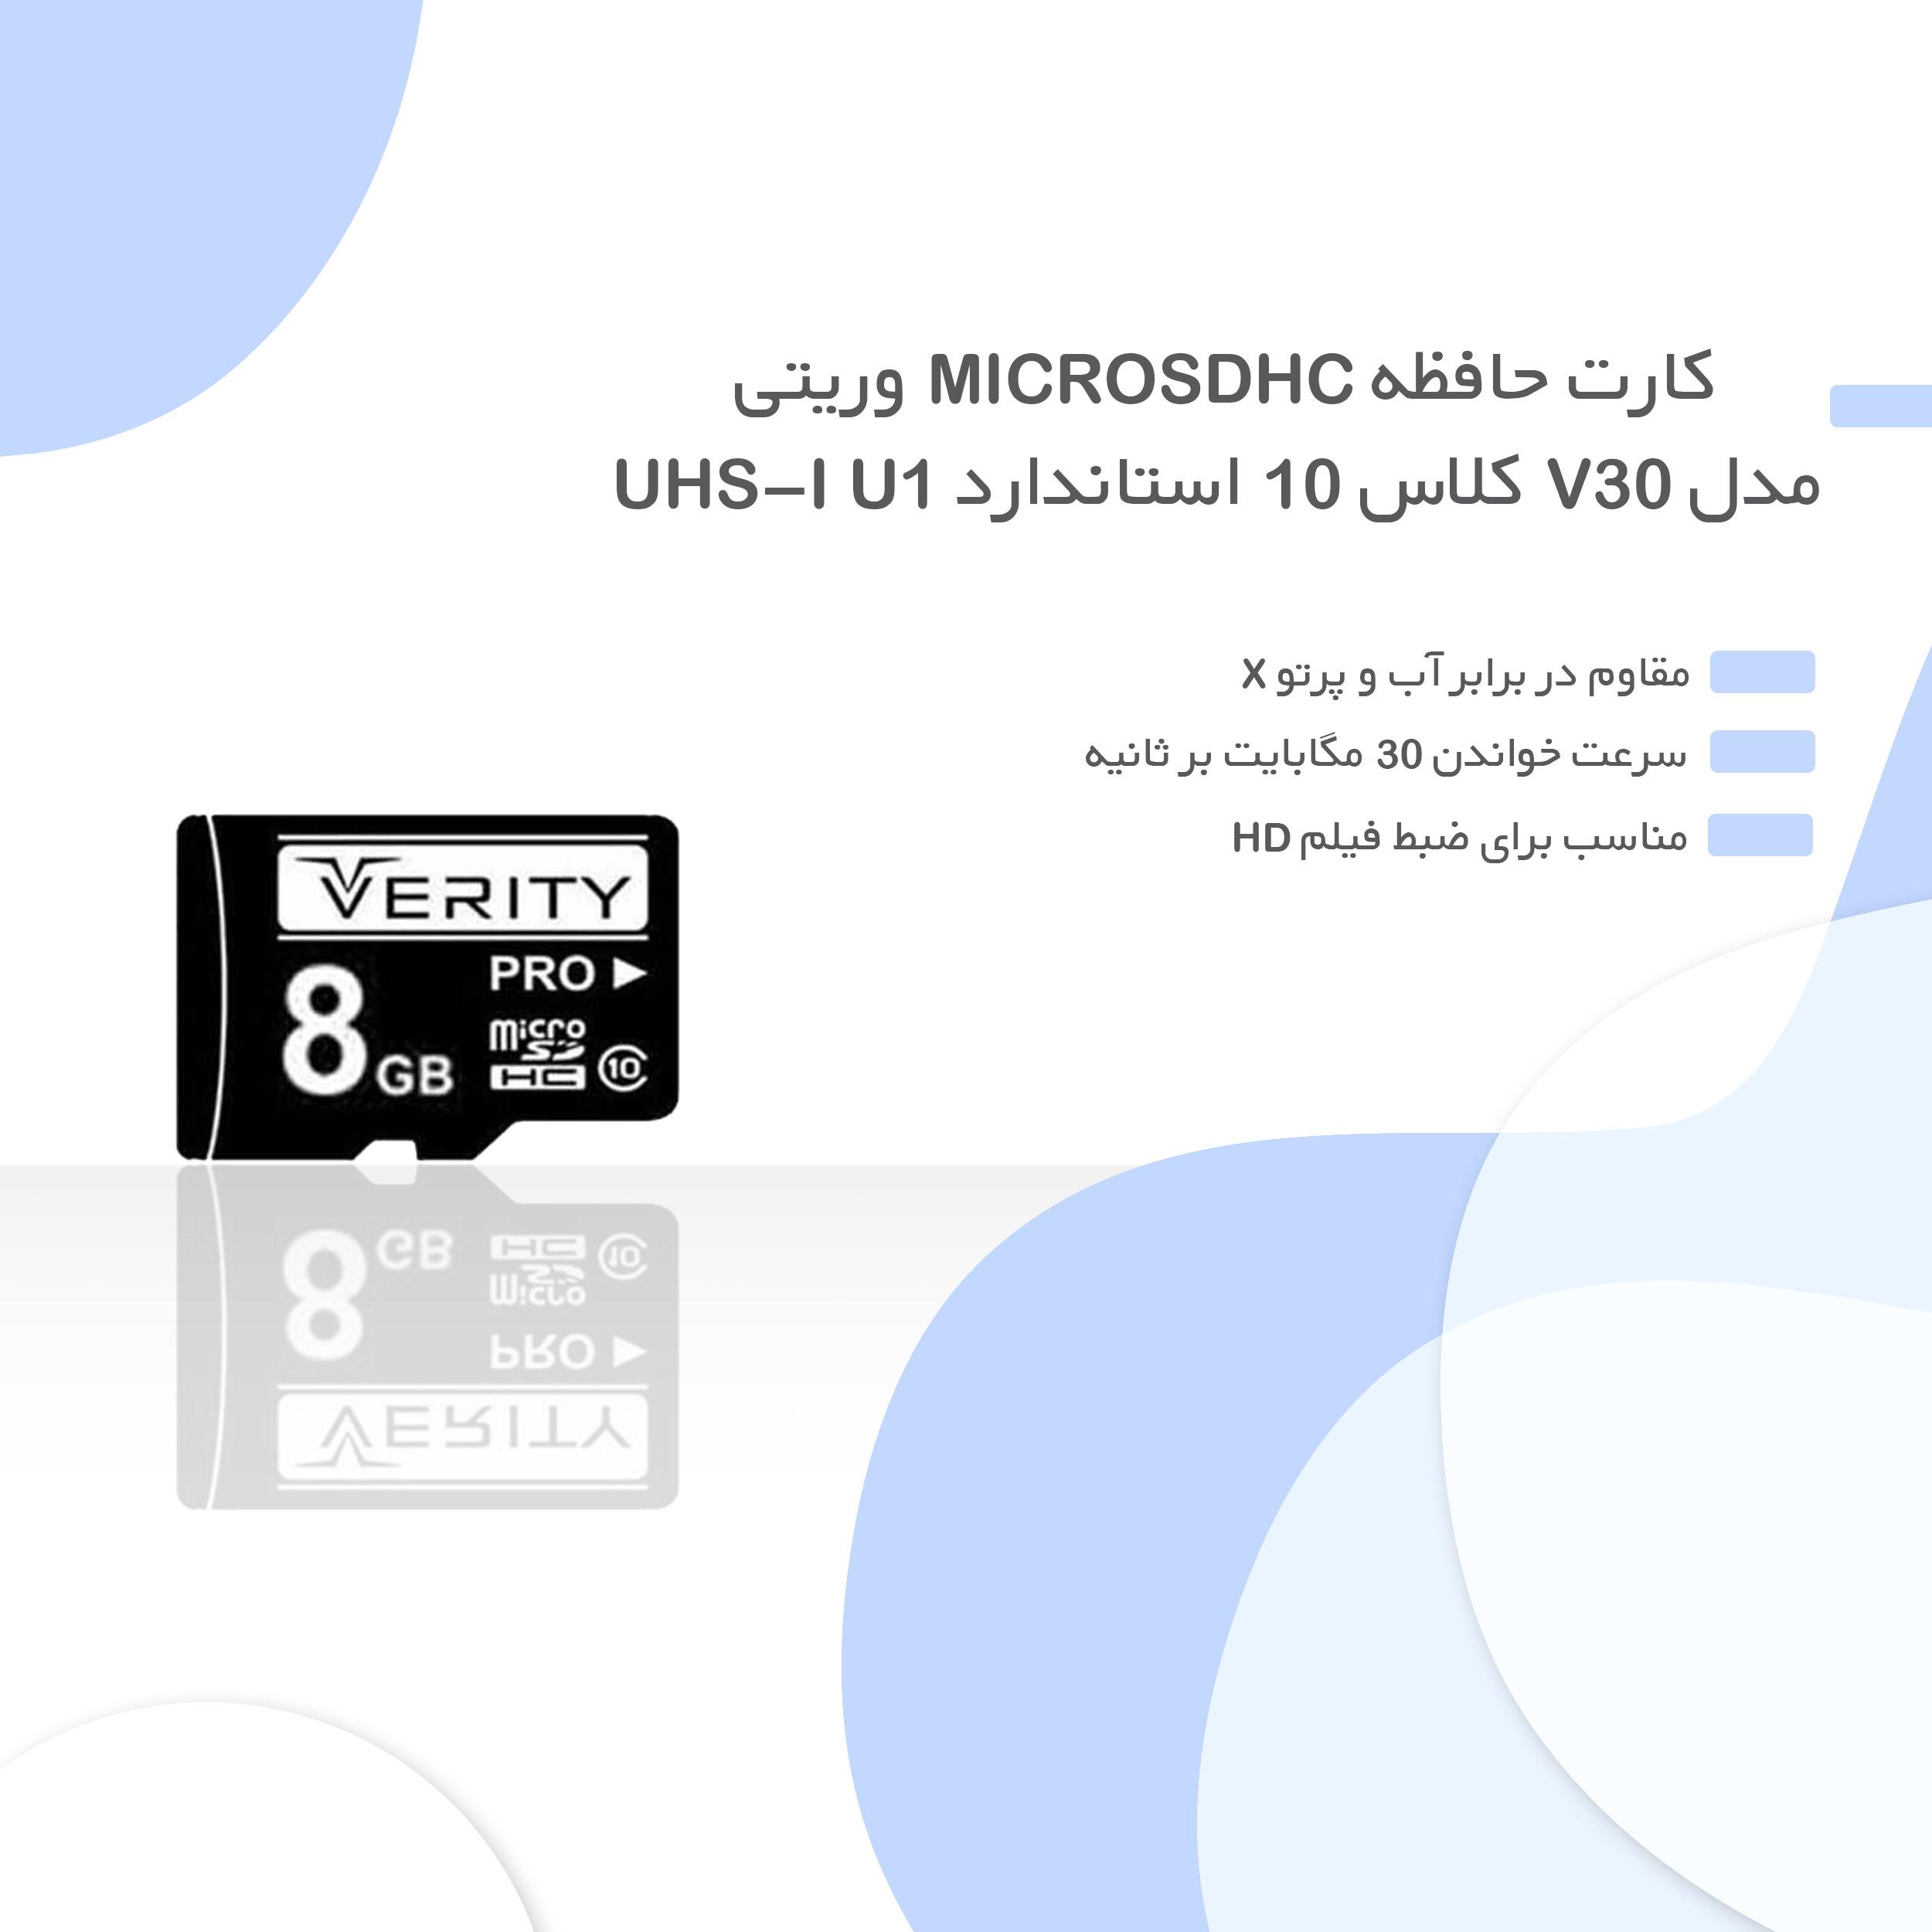 کارت حافظه microSDHC وریتی مدل V30 کلاس 10 استاندارد UHS-I U1 سرعت 30MBps ظرفیت 8 گیگابایت main 1 2